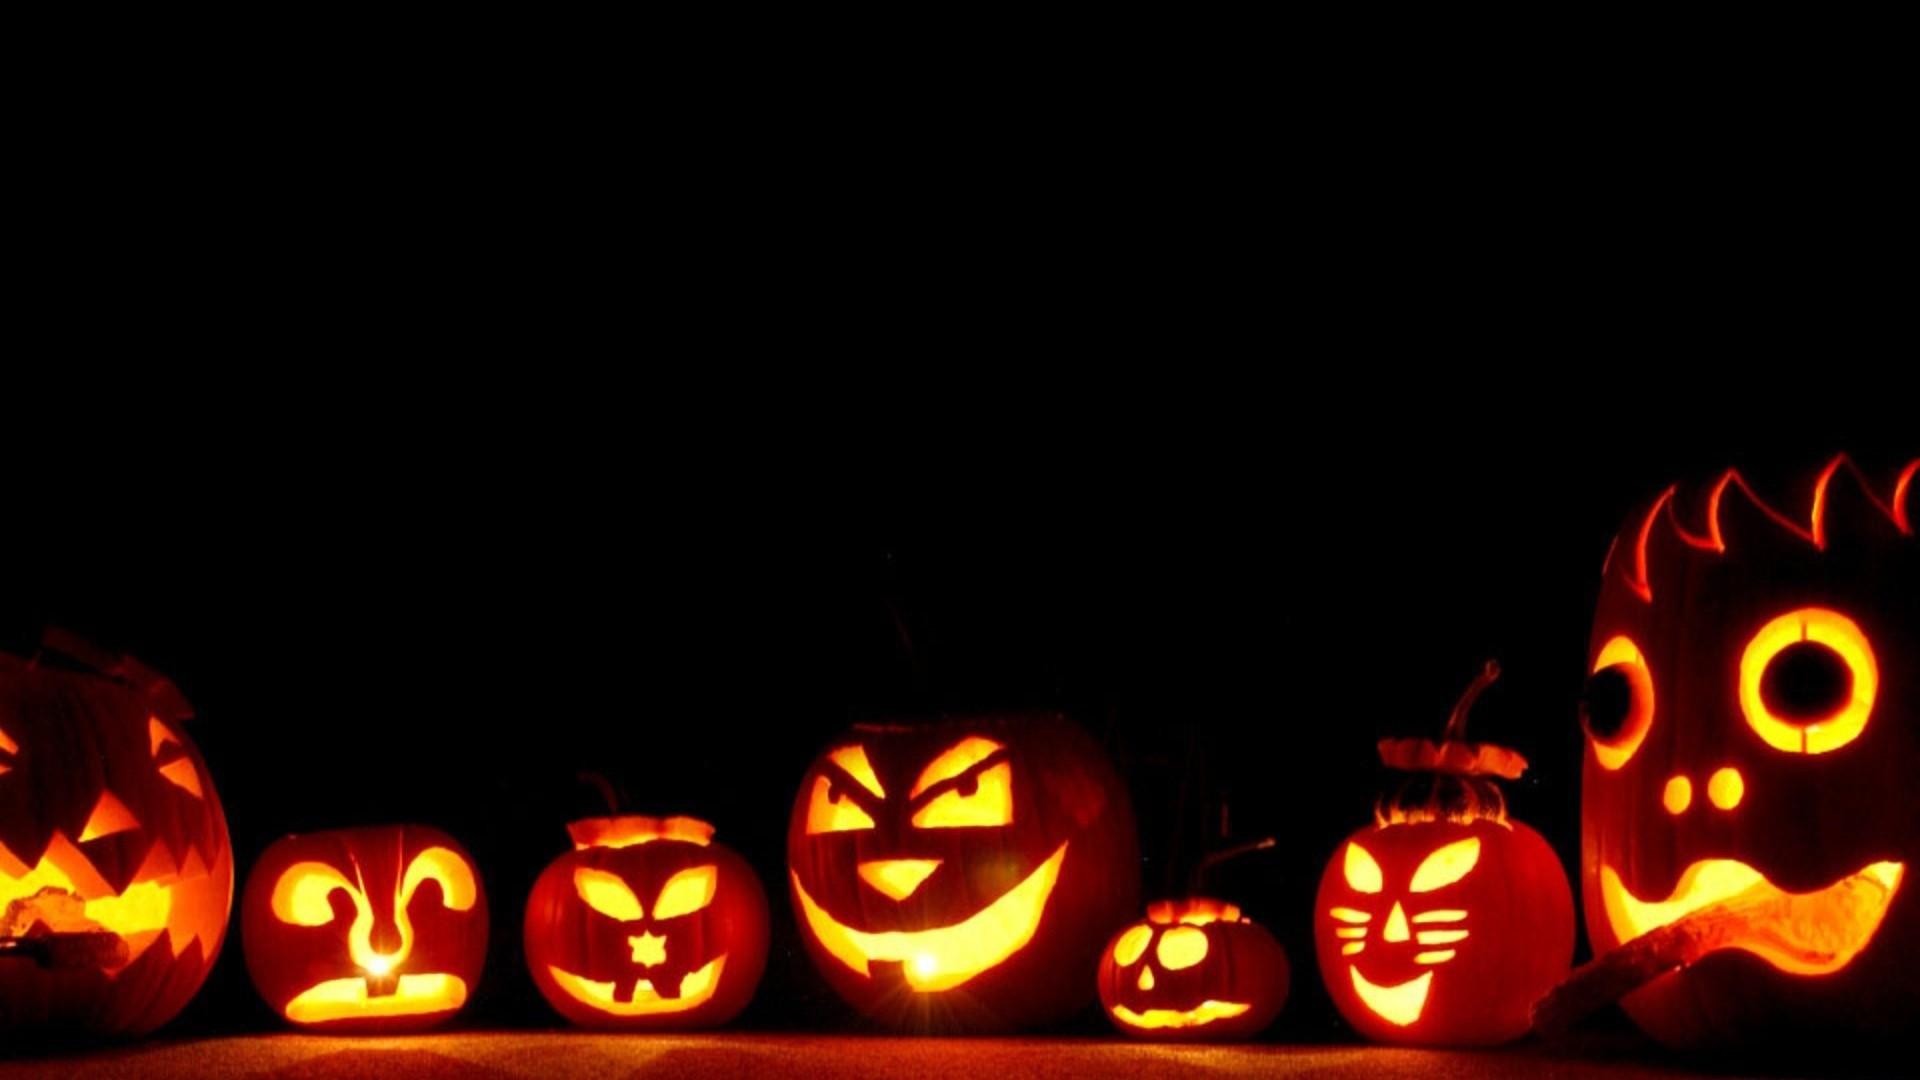 … Hd Halloween Desktop Backgrounds WallpaperSafari